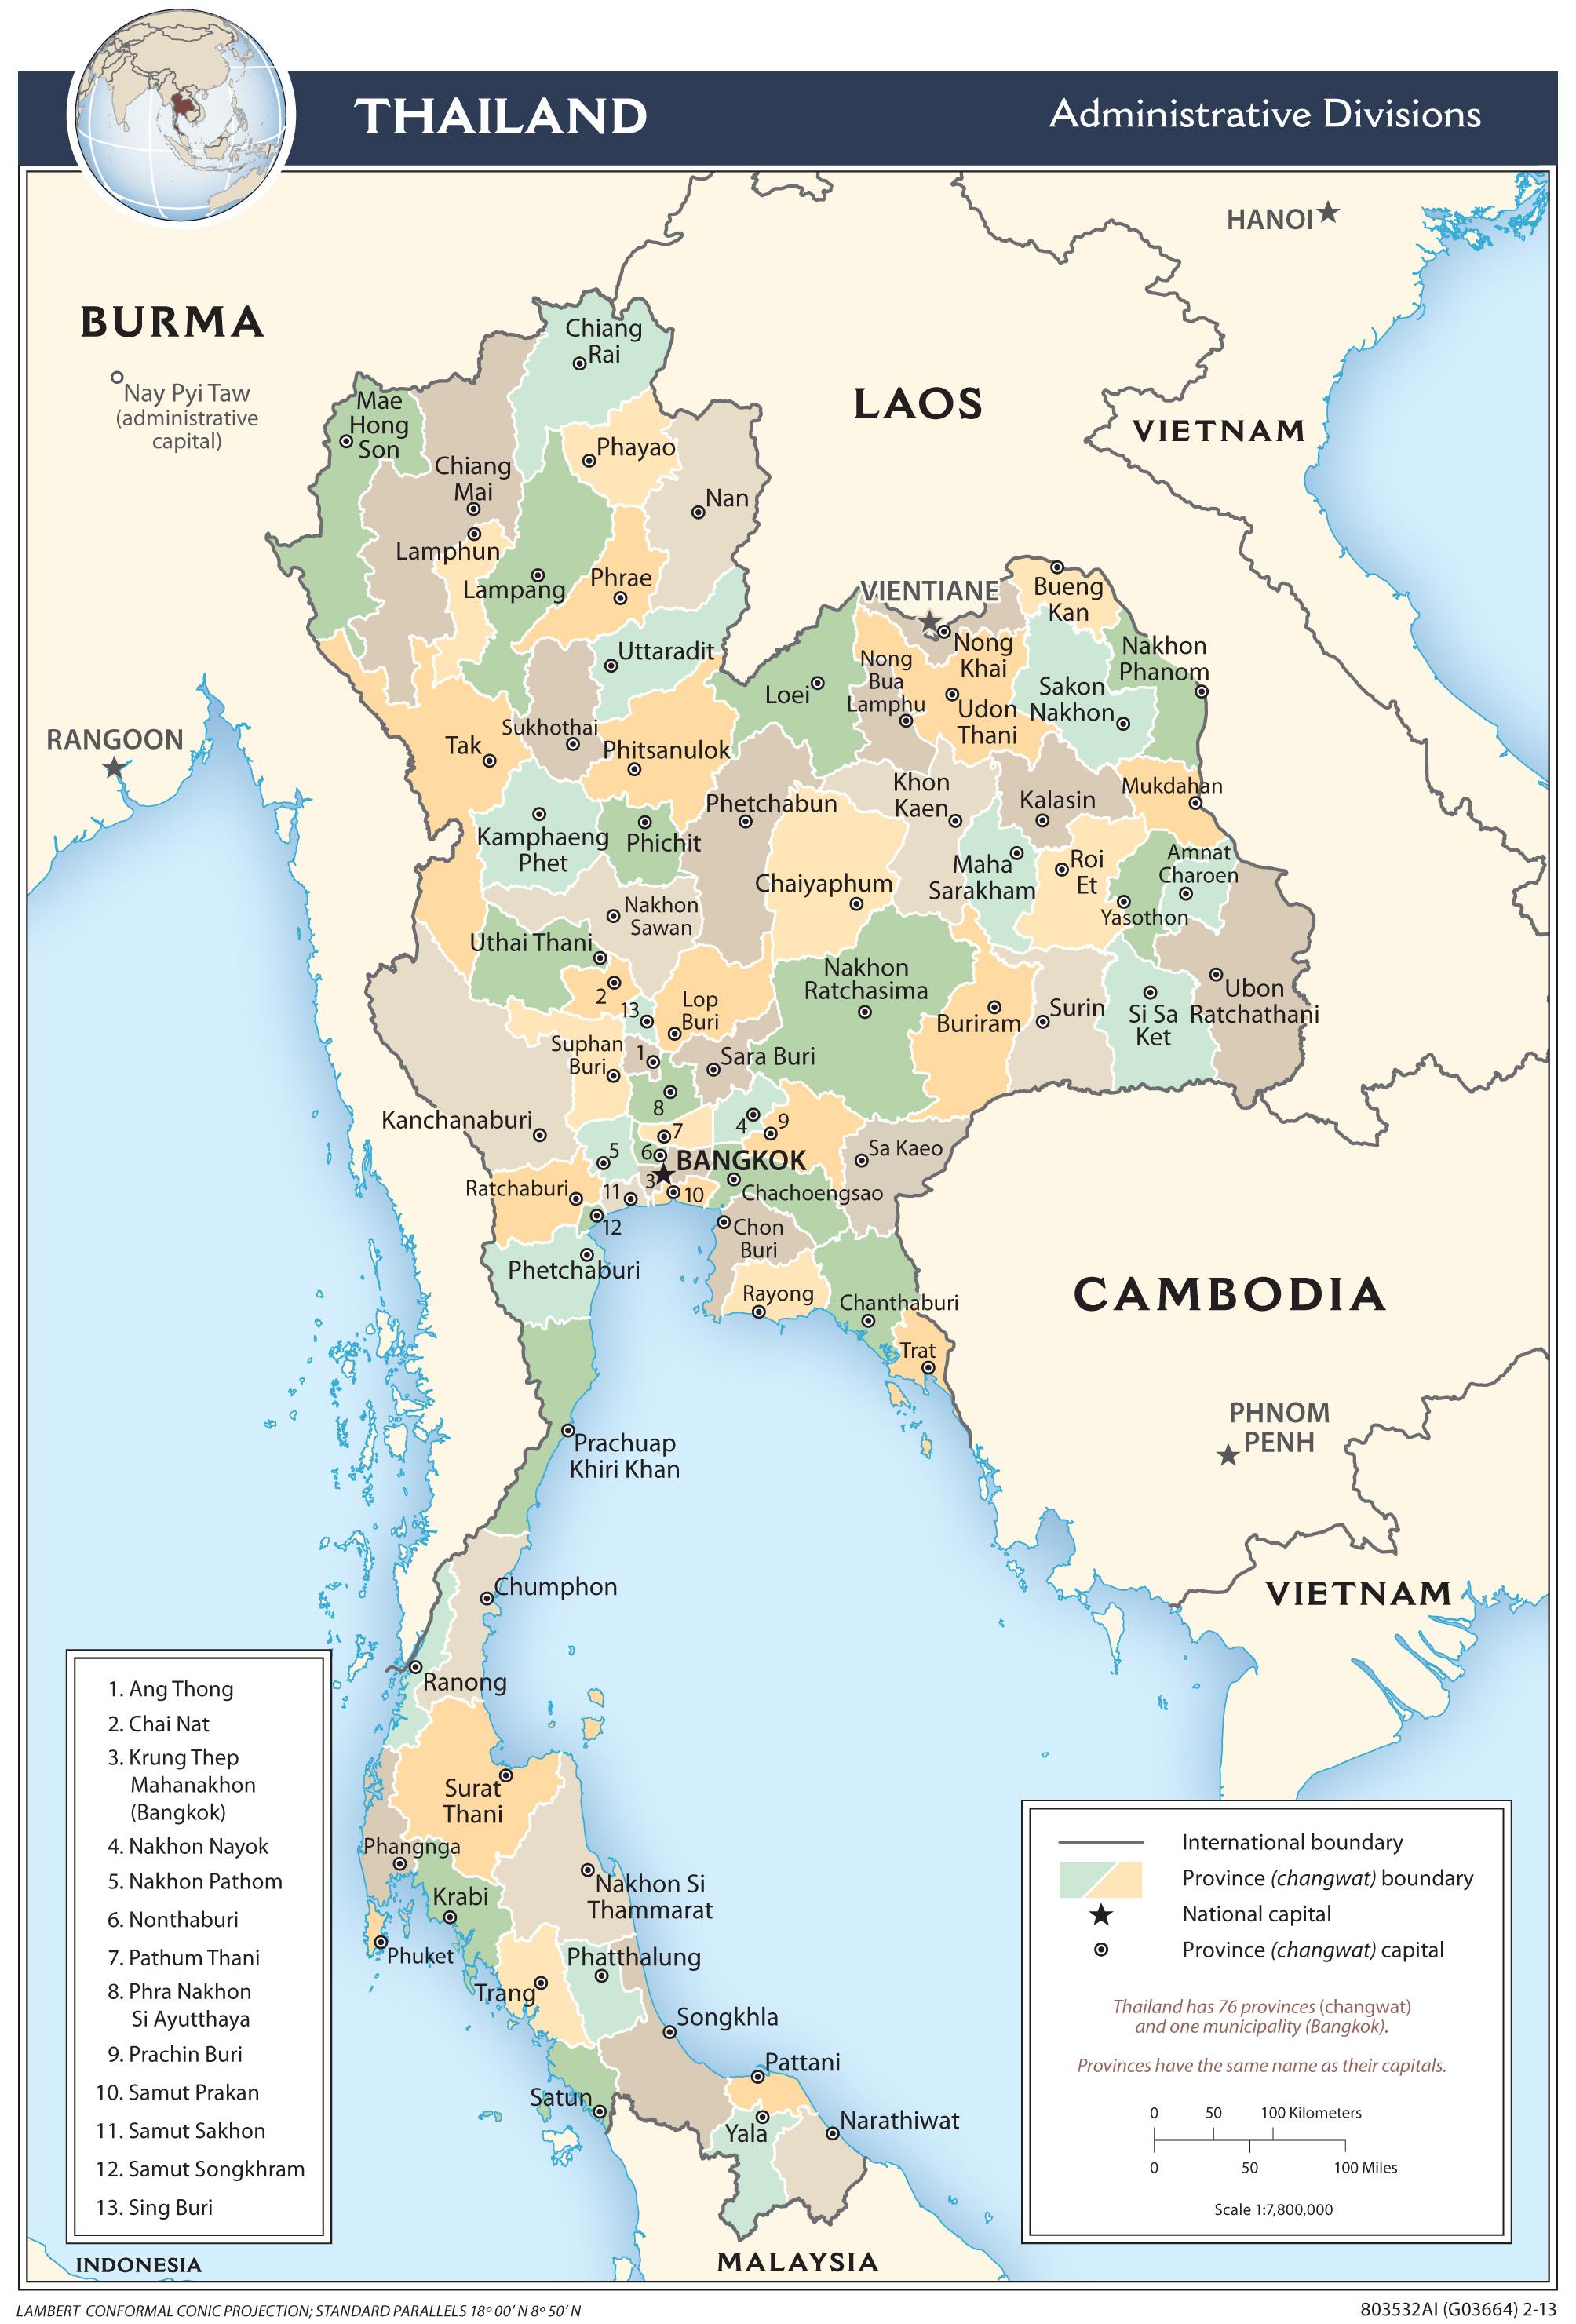 Thai Dk Din Debat Side Debatforum Thailands 77 Provinser Changwat